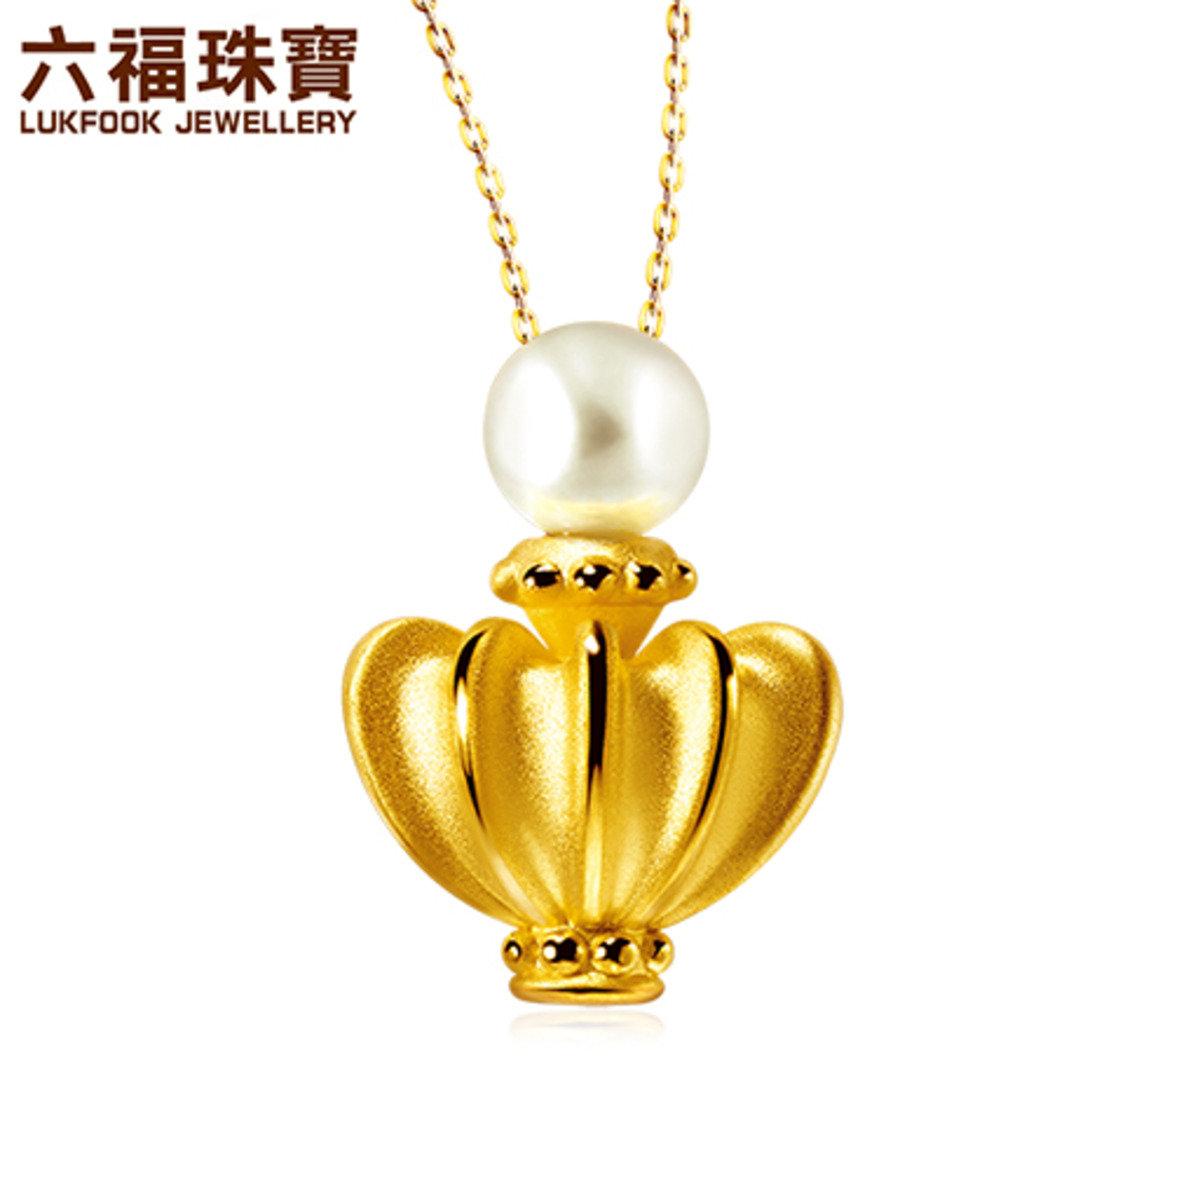 媽媽最美 女裝 足金硬金襯養殖淡水珍珠吊墜